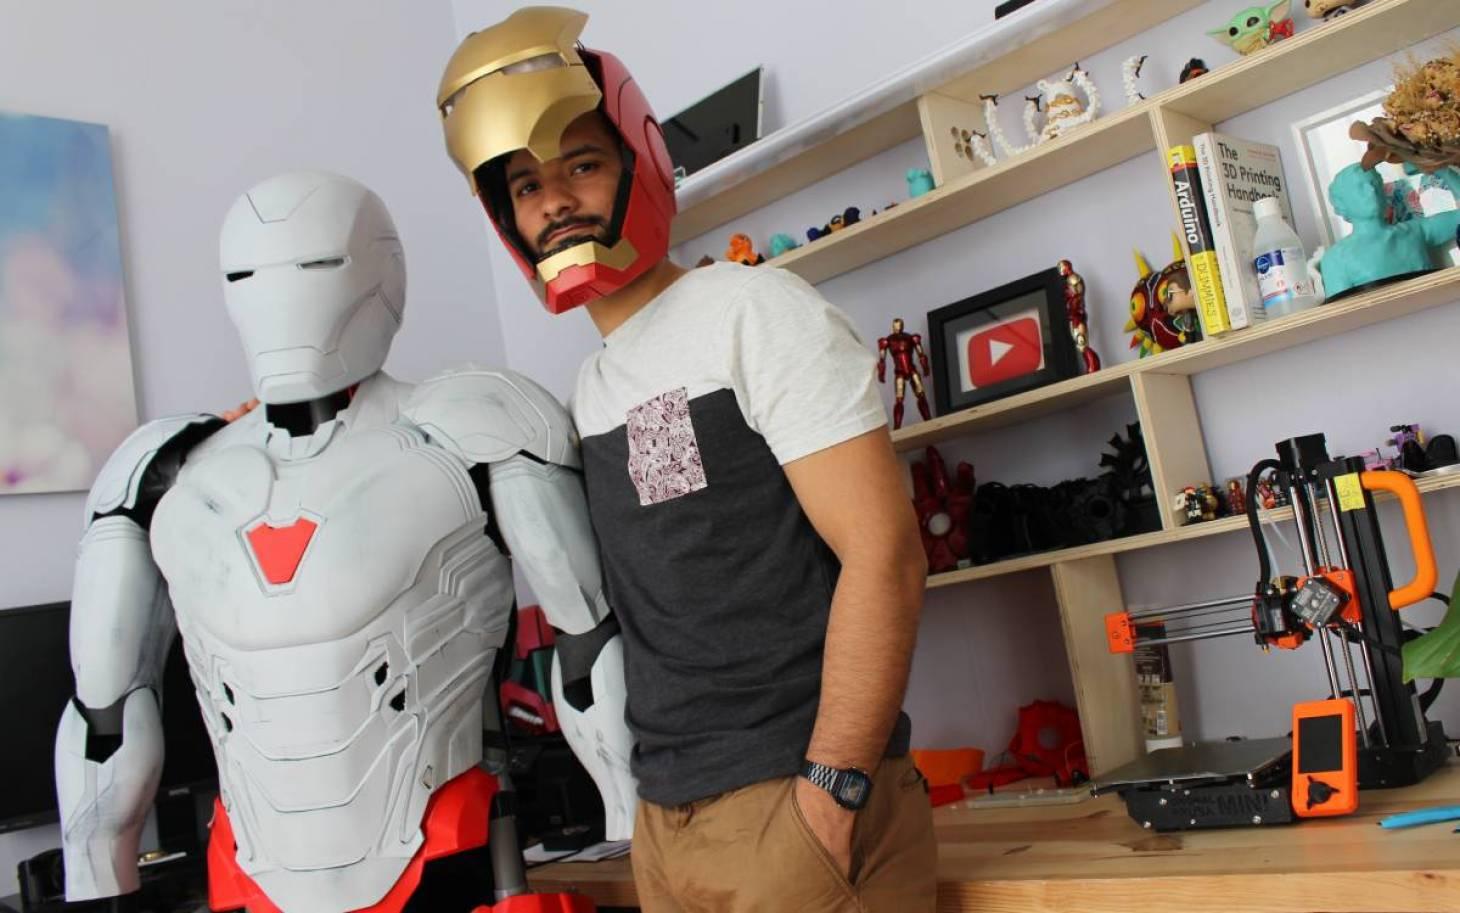 Dans le costume d'Iron Man